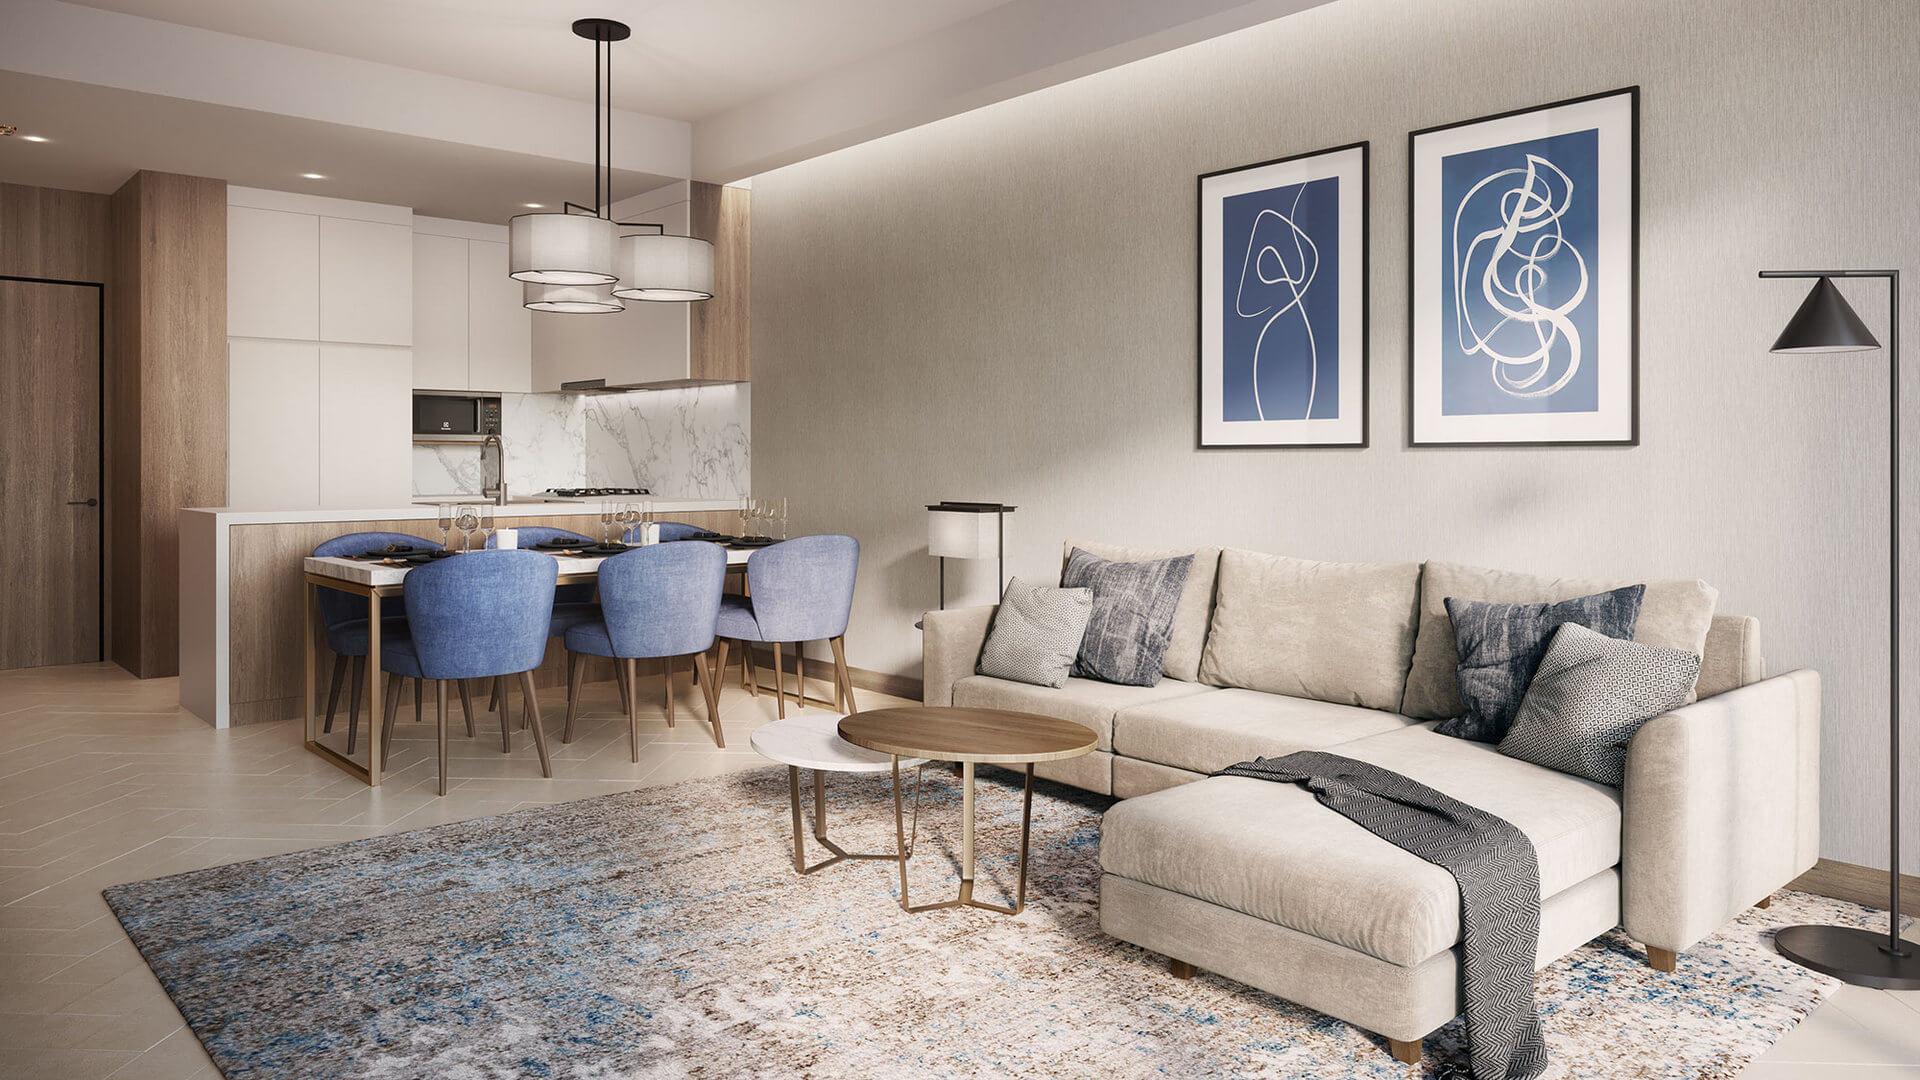 Apartamento en venta en Dubai, EAU, 1 dormitorio, 68 m2, № 24075 – foto 1